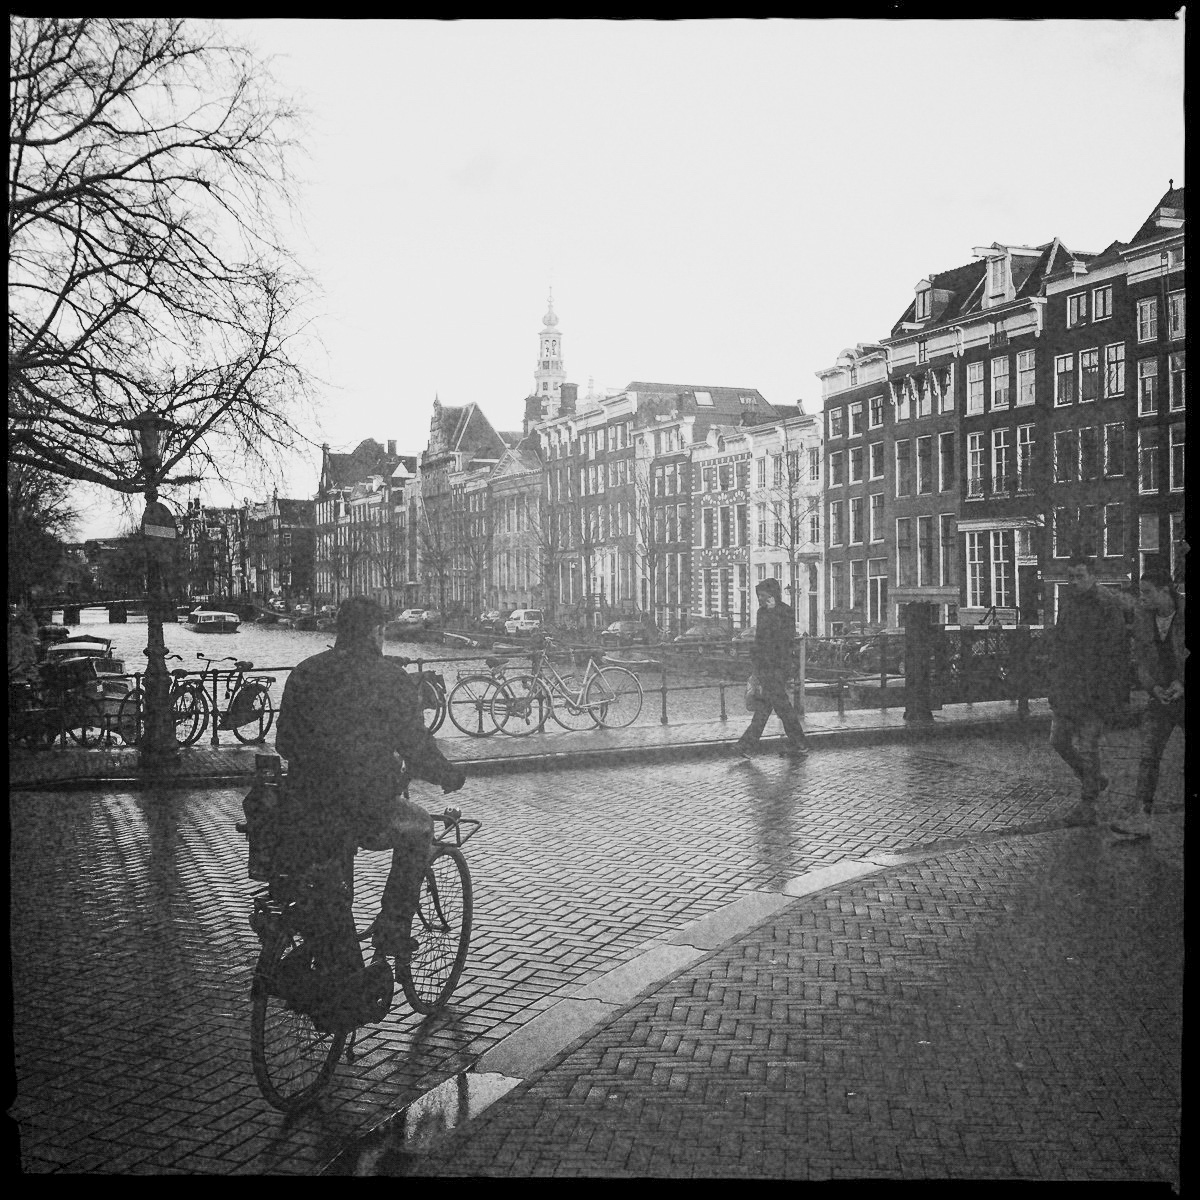 Fahrradfahrer im Grachtengürtel mit der Westerkerk im Hintergrund